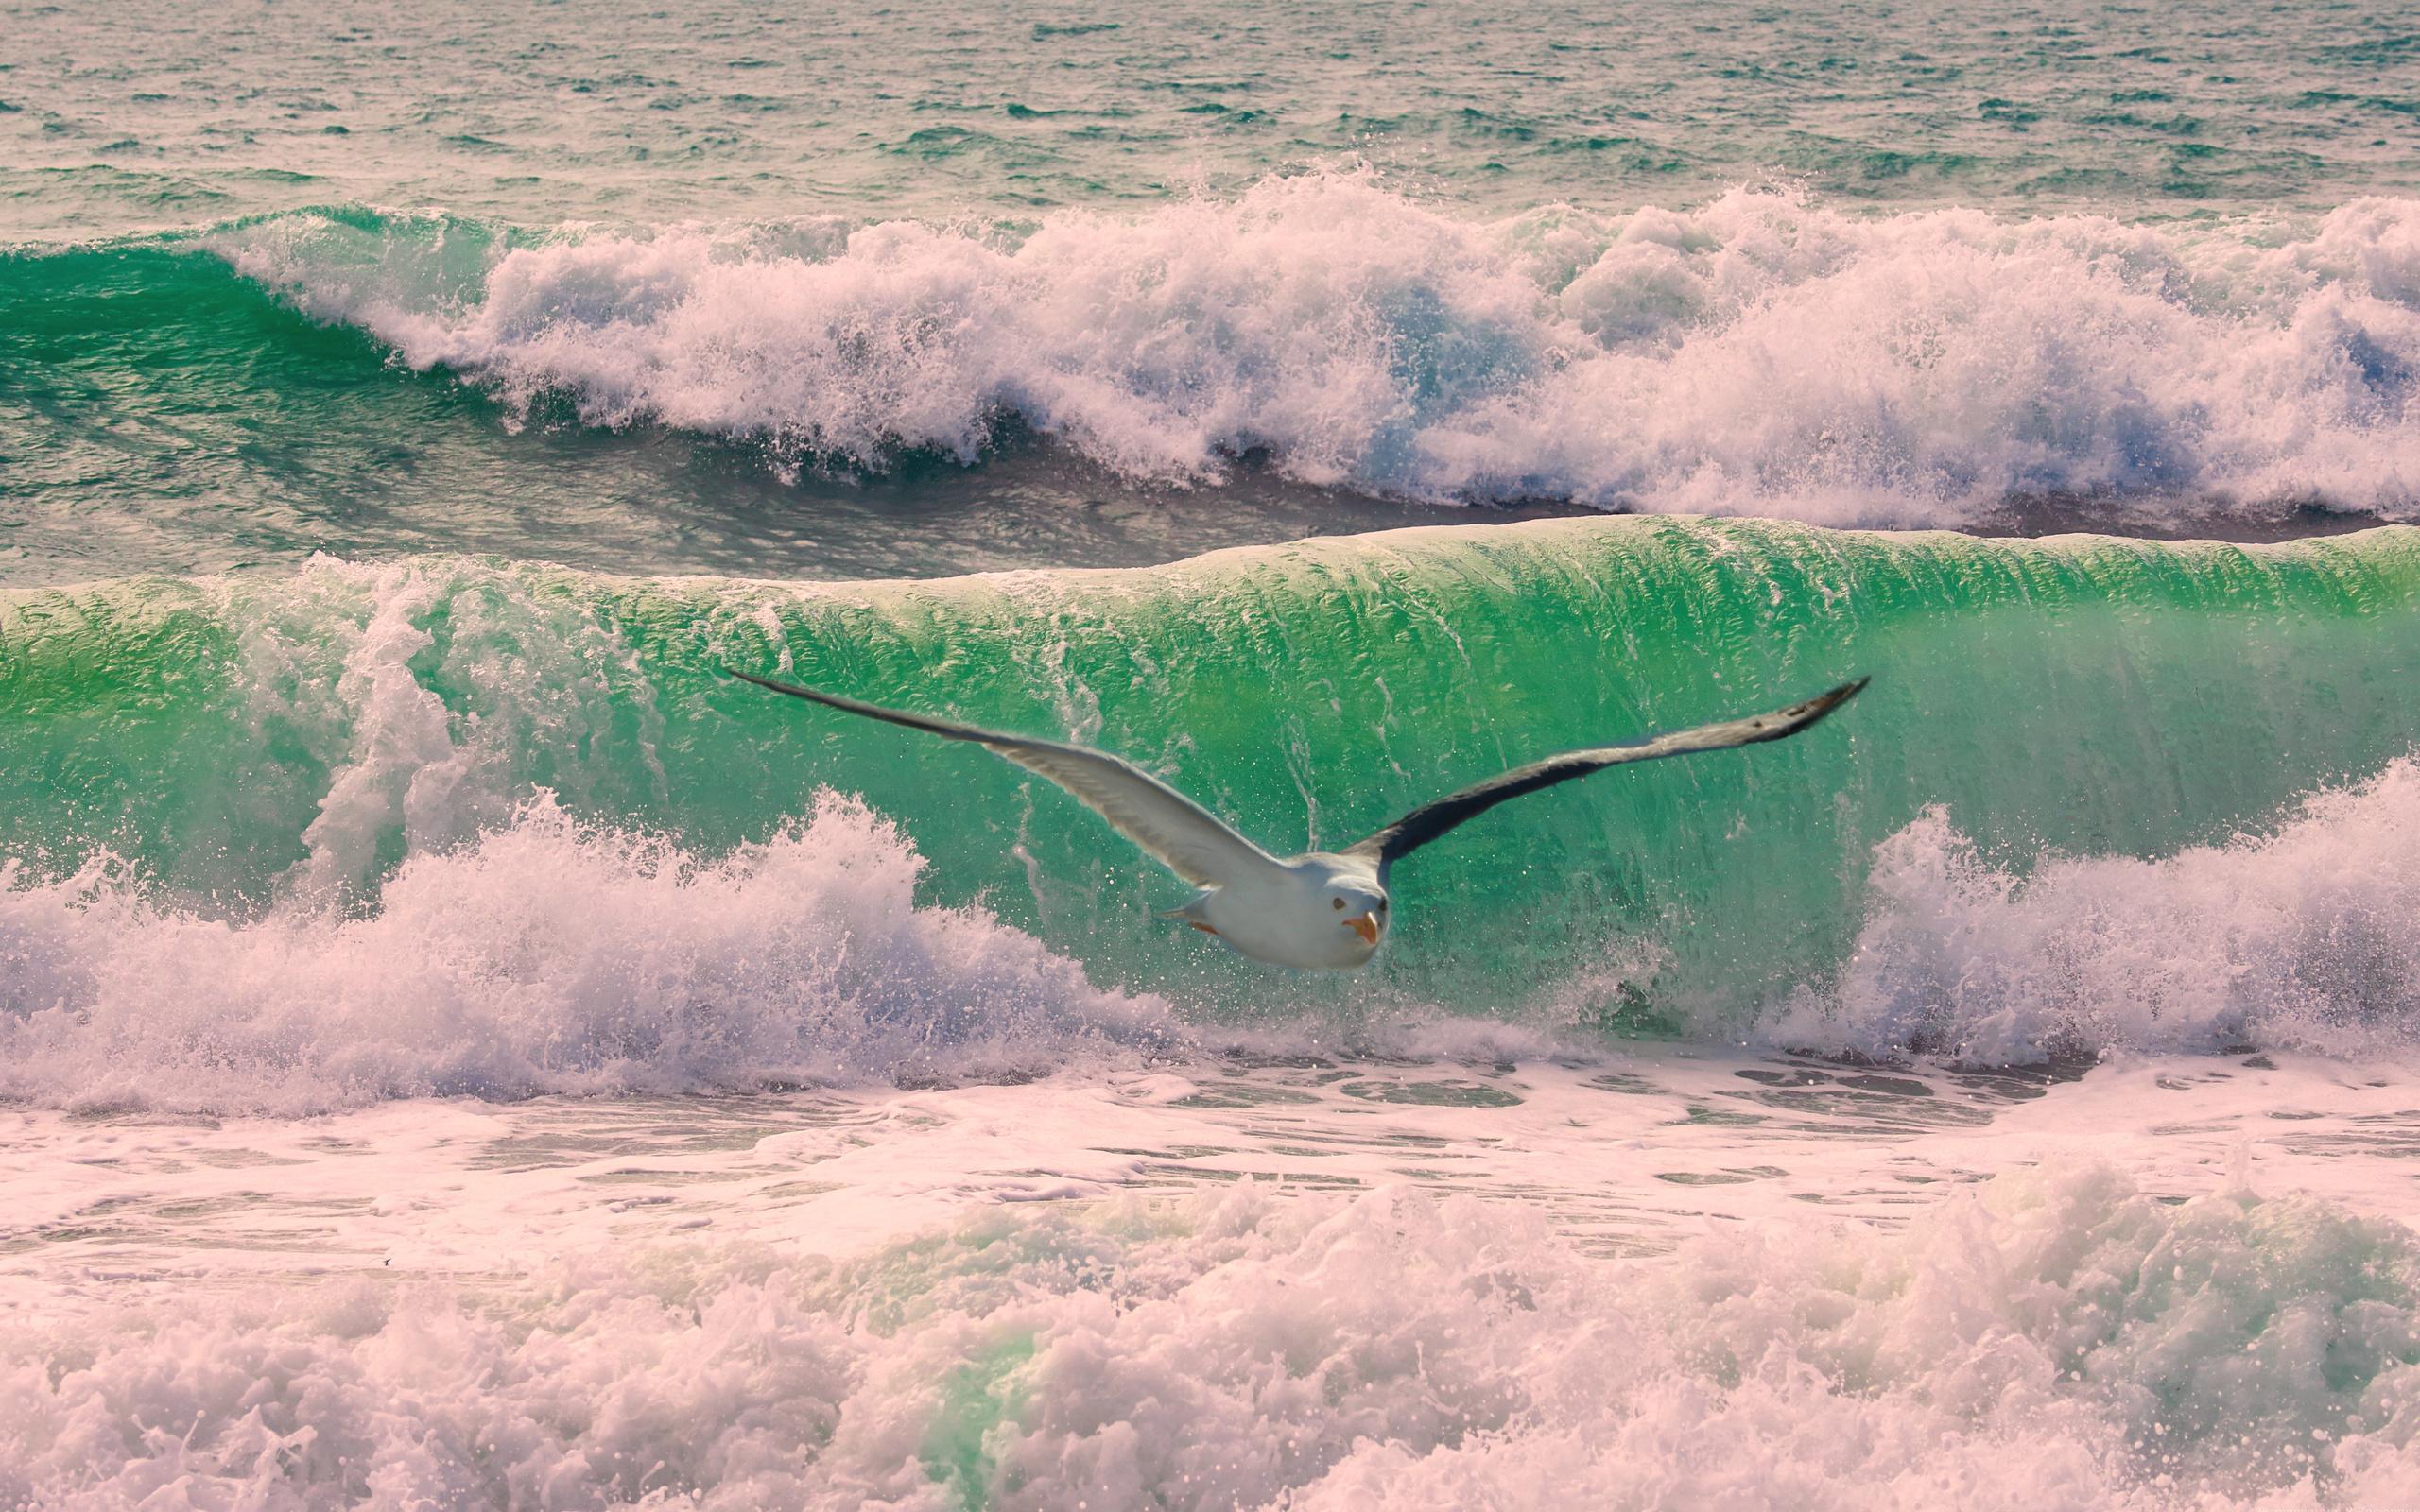 прибой, волны, океан, чайка